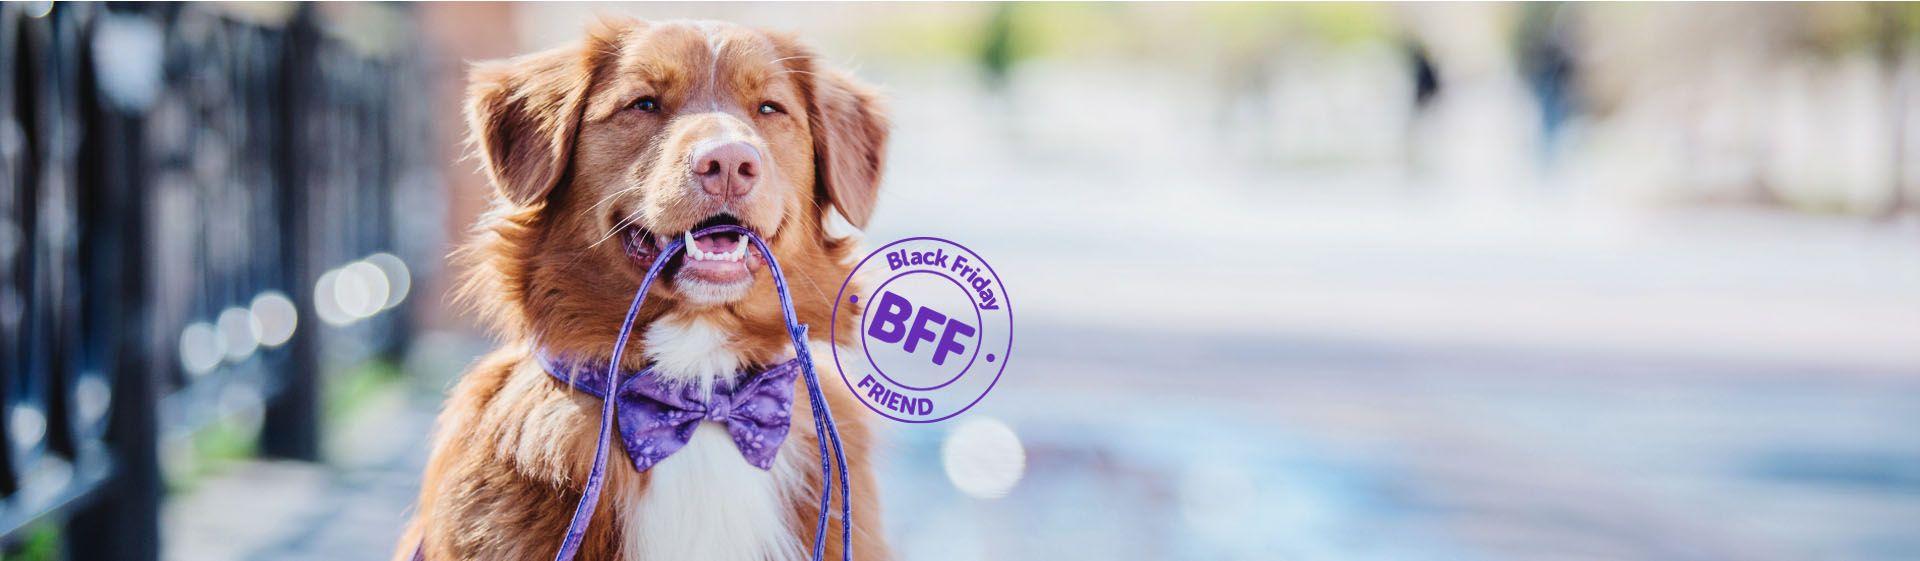 Coleira para cachorro: veja os principais modelos e entenda para que servem